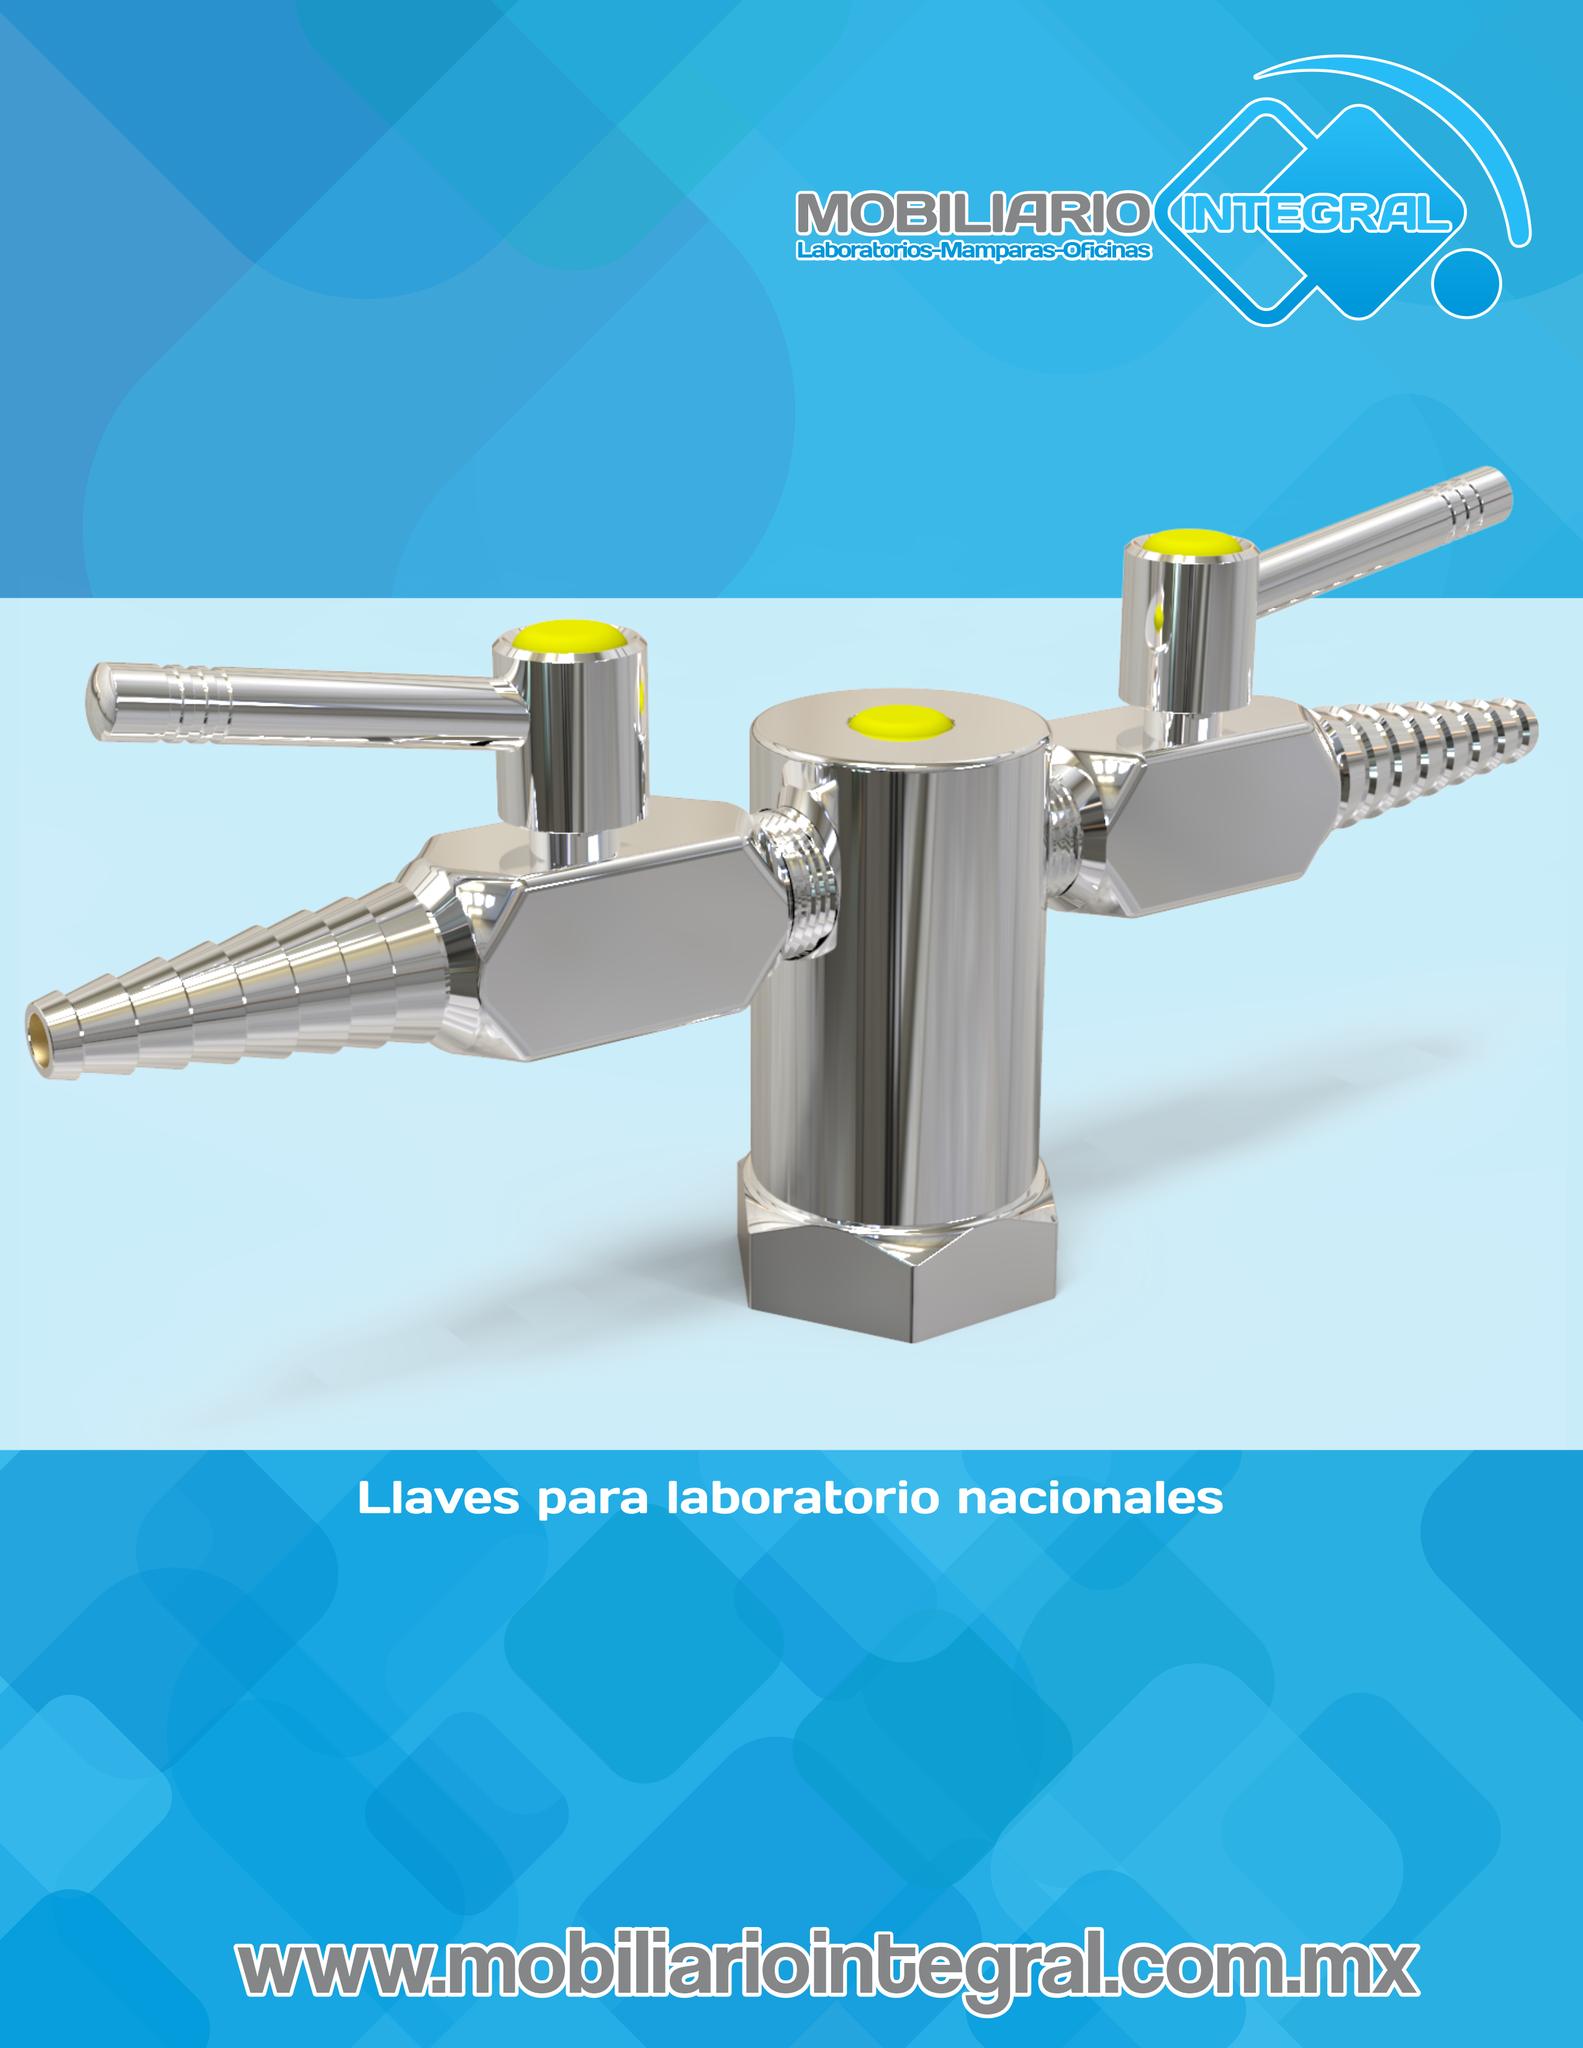 Llaves para laboratorio en León